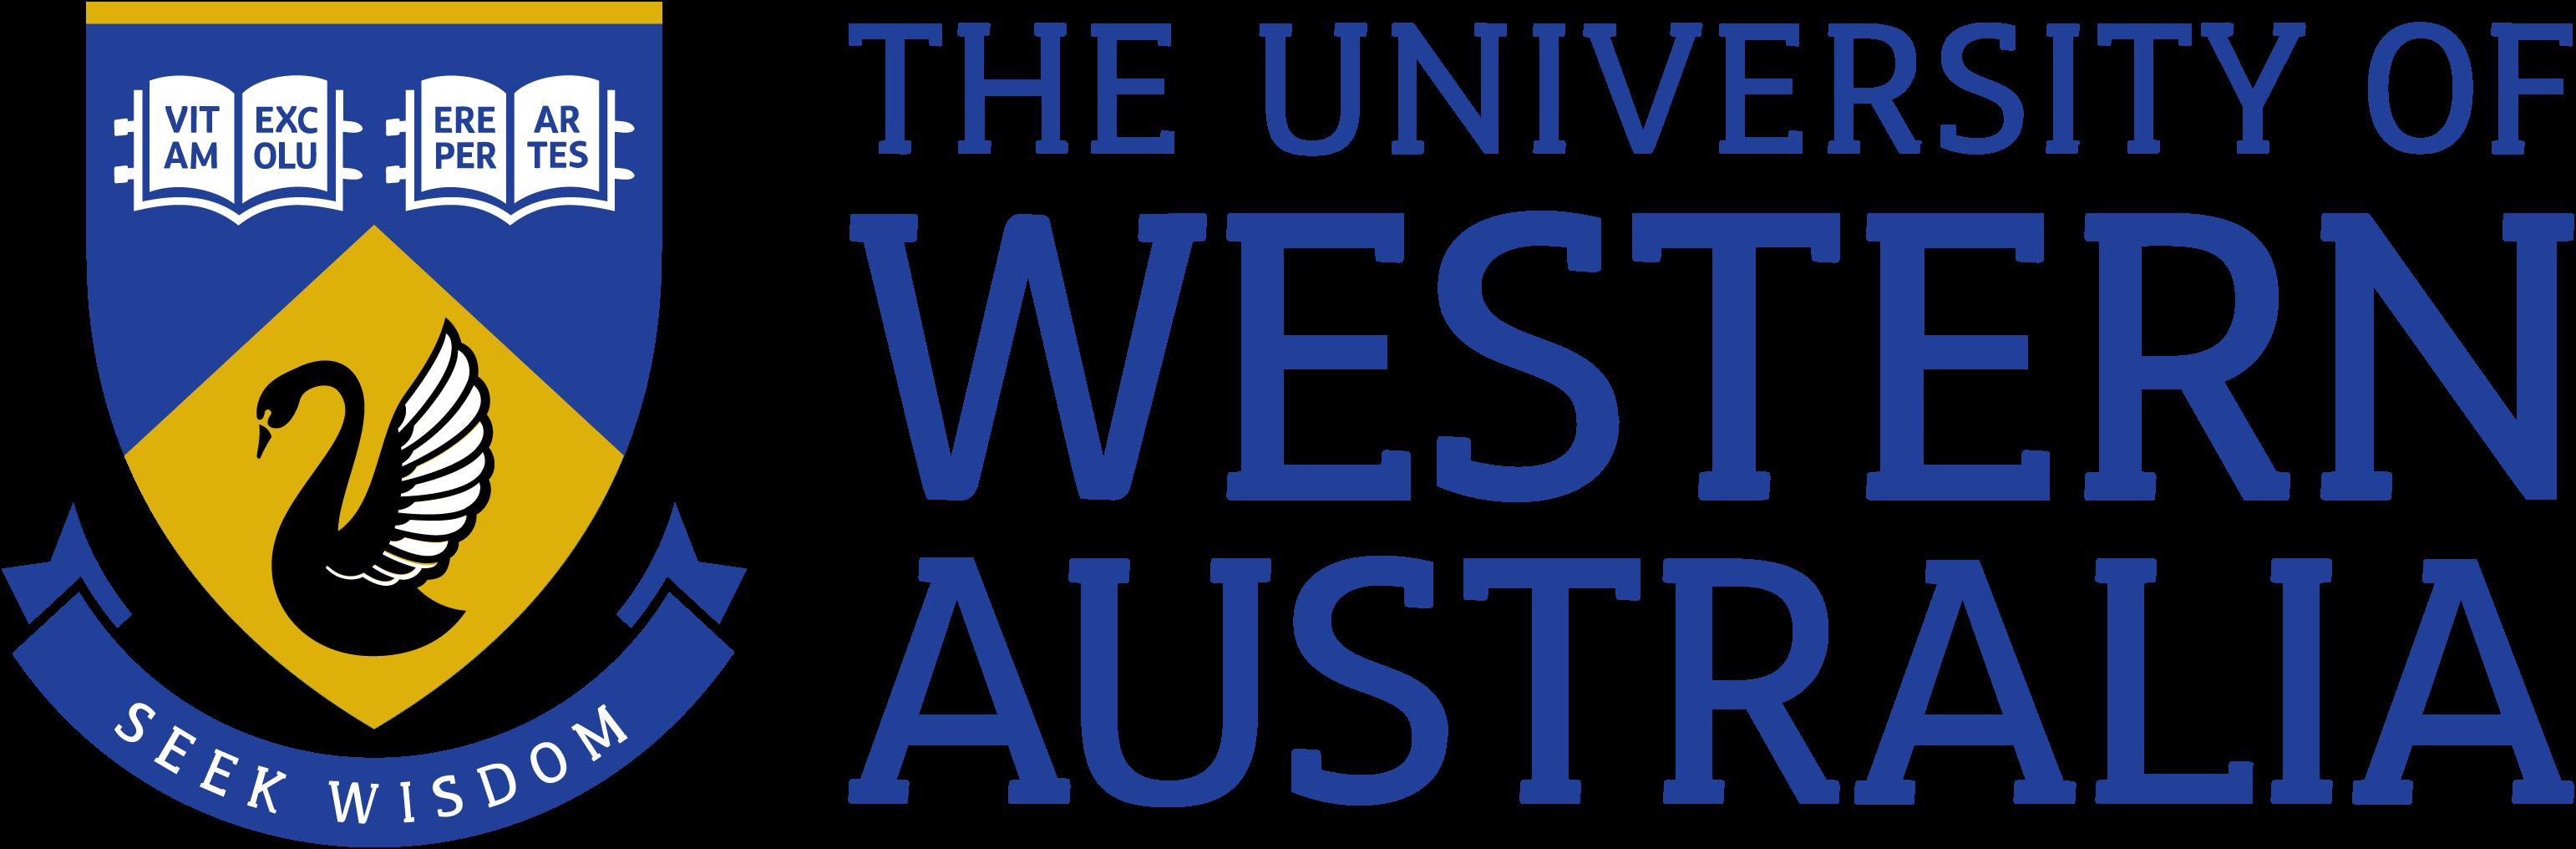 UWA-logo-dark-1